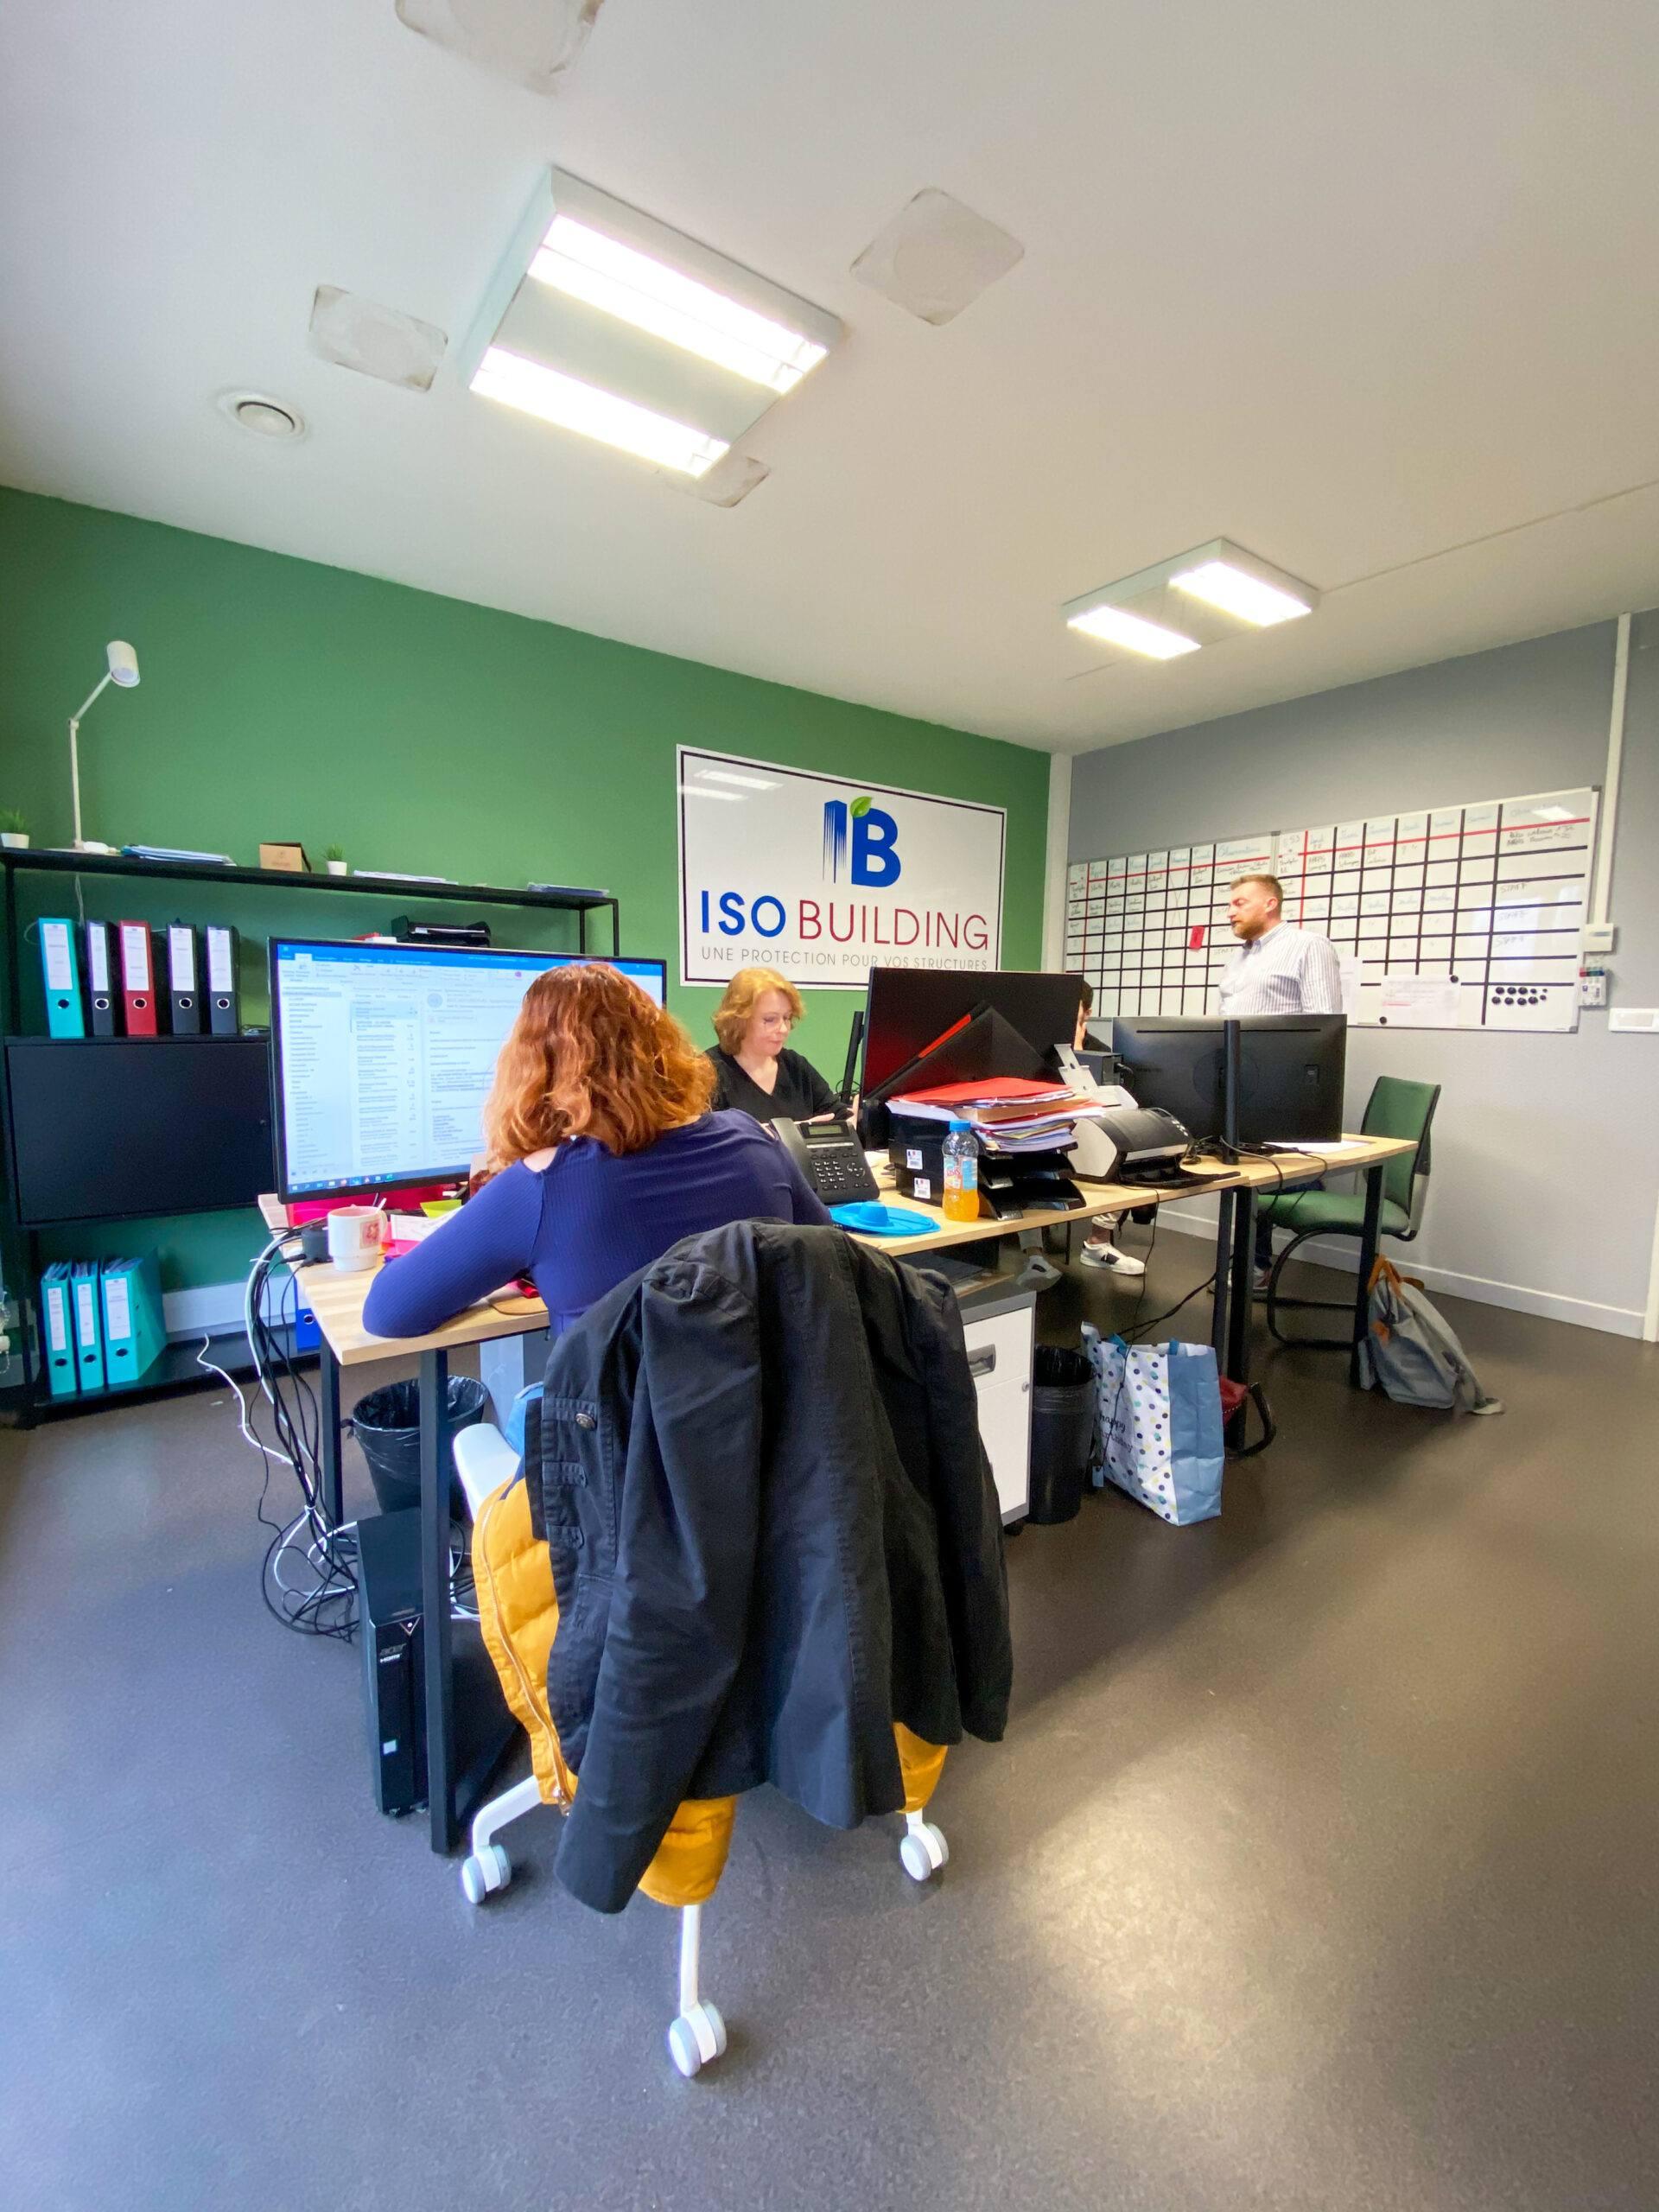 ISO BUILDING Béthune - Initiative Artois - Agence GUS